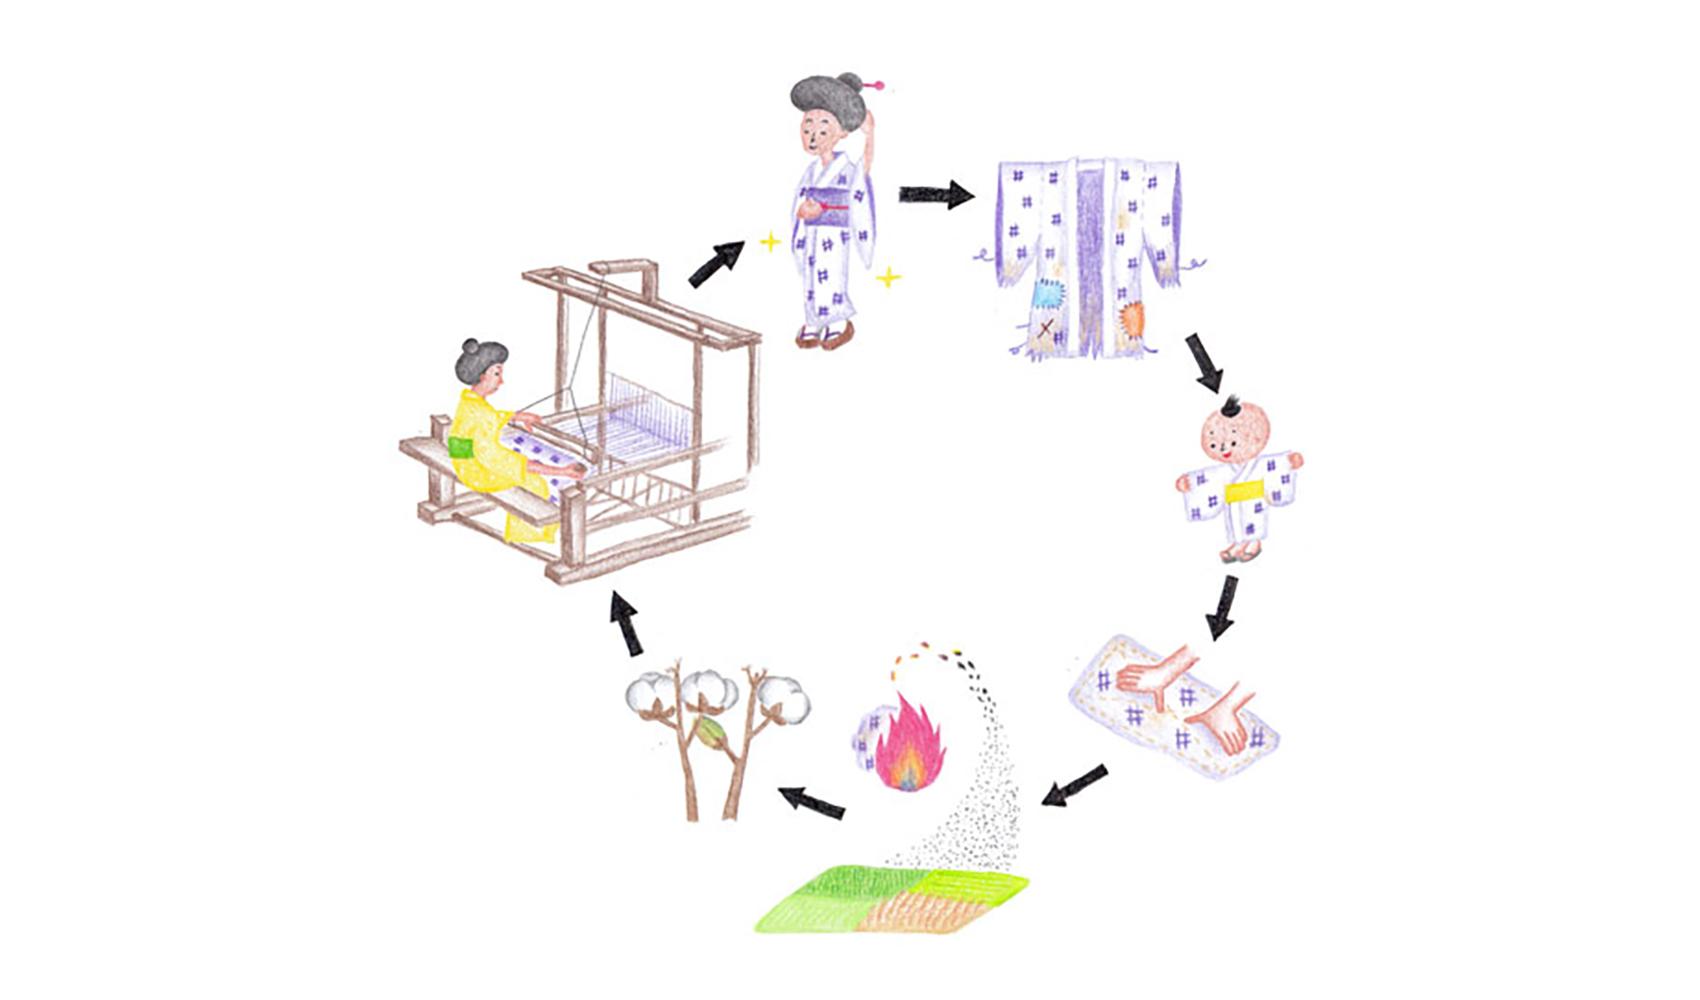 江戸時代にもゴミリサイクルなどの考えはあったそうですが、実際に行われていたのですか?